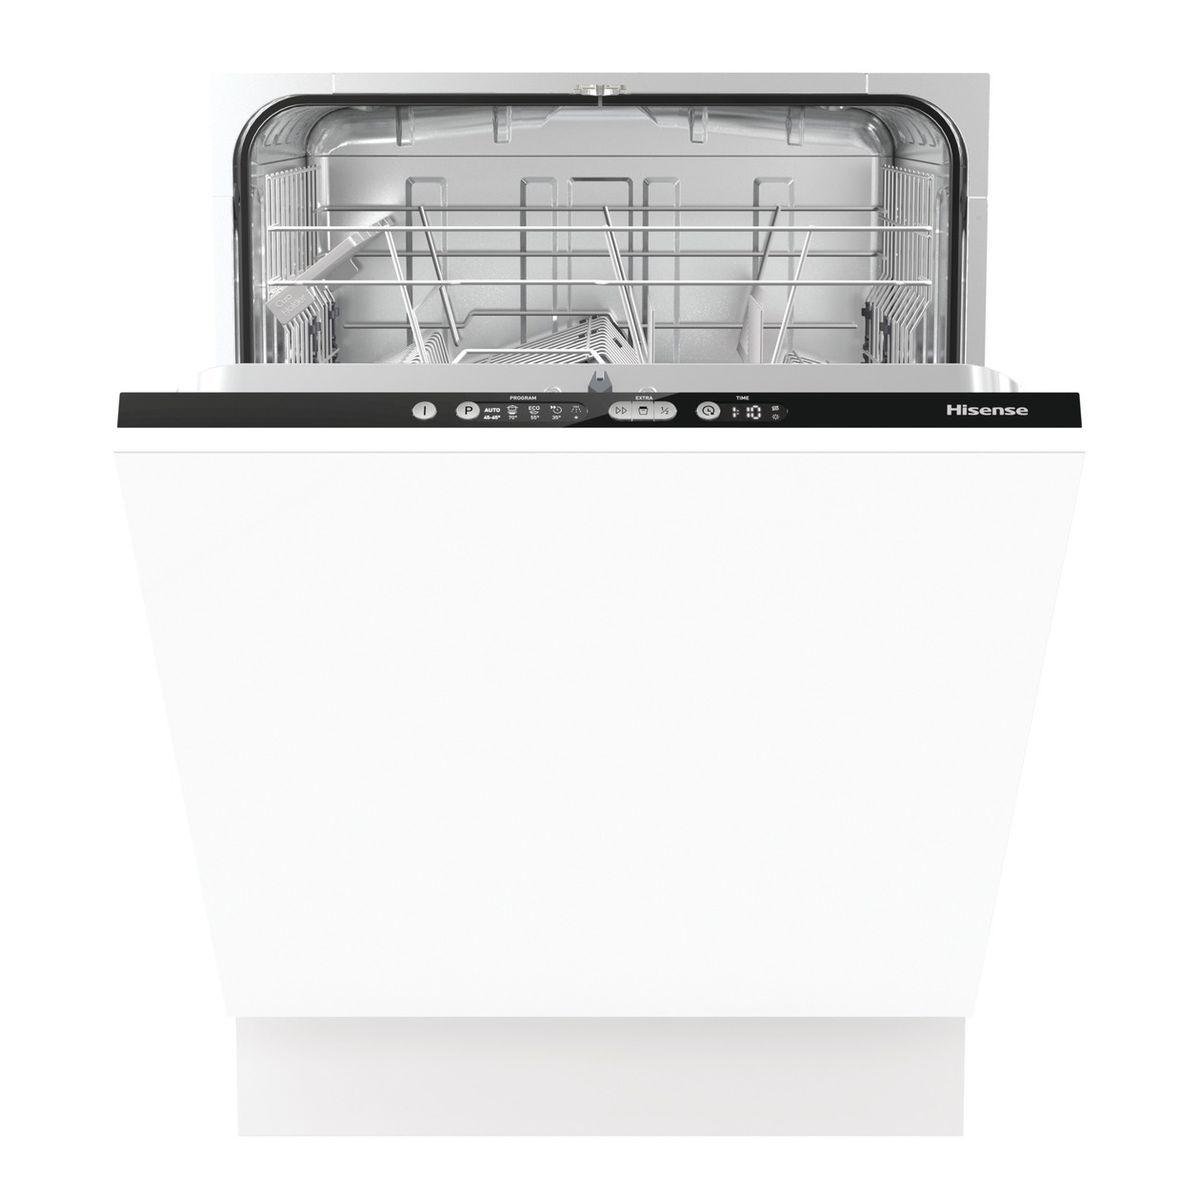 Lave vaisselle encastrable HV651C60, 13 couverts, 60 cm, 44 dB, 5 programmes